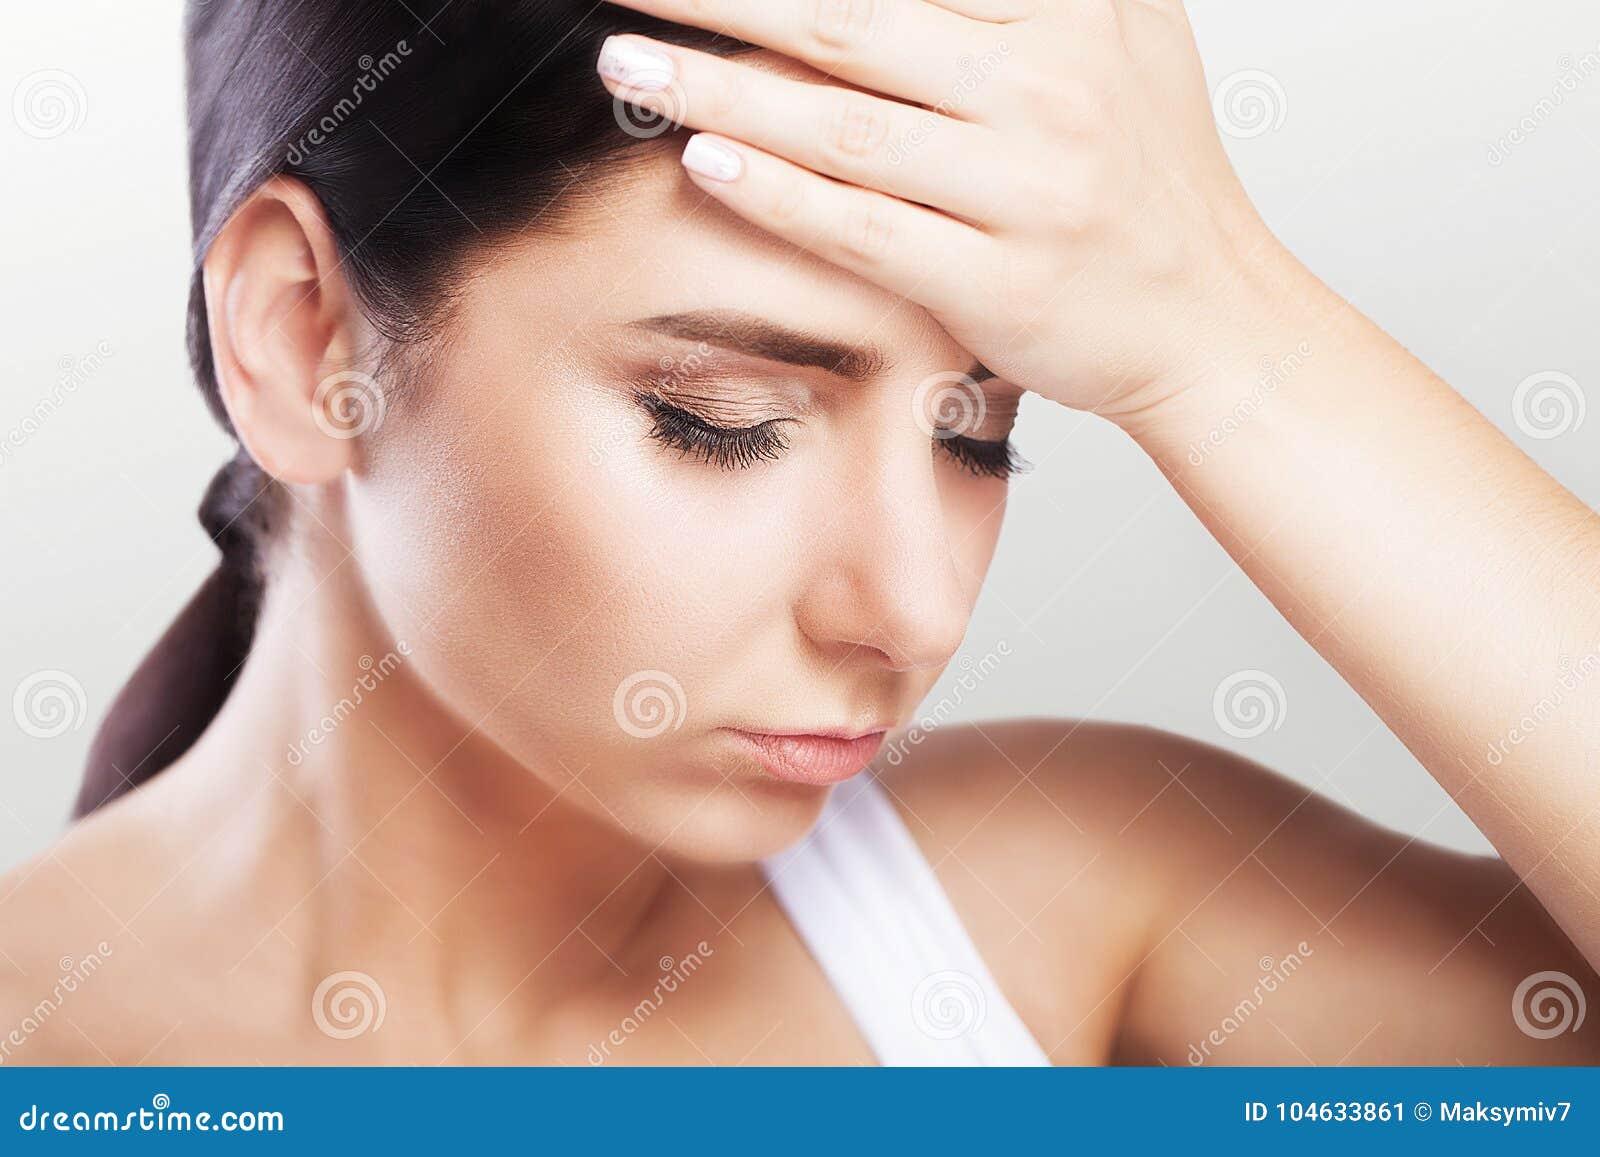 Download Hoofdpijn En Strenge Spanning Ervaring Pijnlijk Gevoel In Het Hoofd Moeheid Het Concept Gezondheid Op Een Grijze Achtergrond Stock Afbeelding - Afbeelding bestaande uit migraine, manier: 104633861